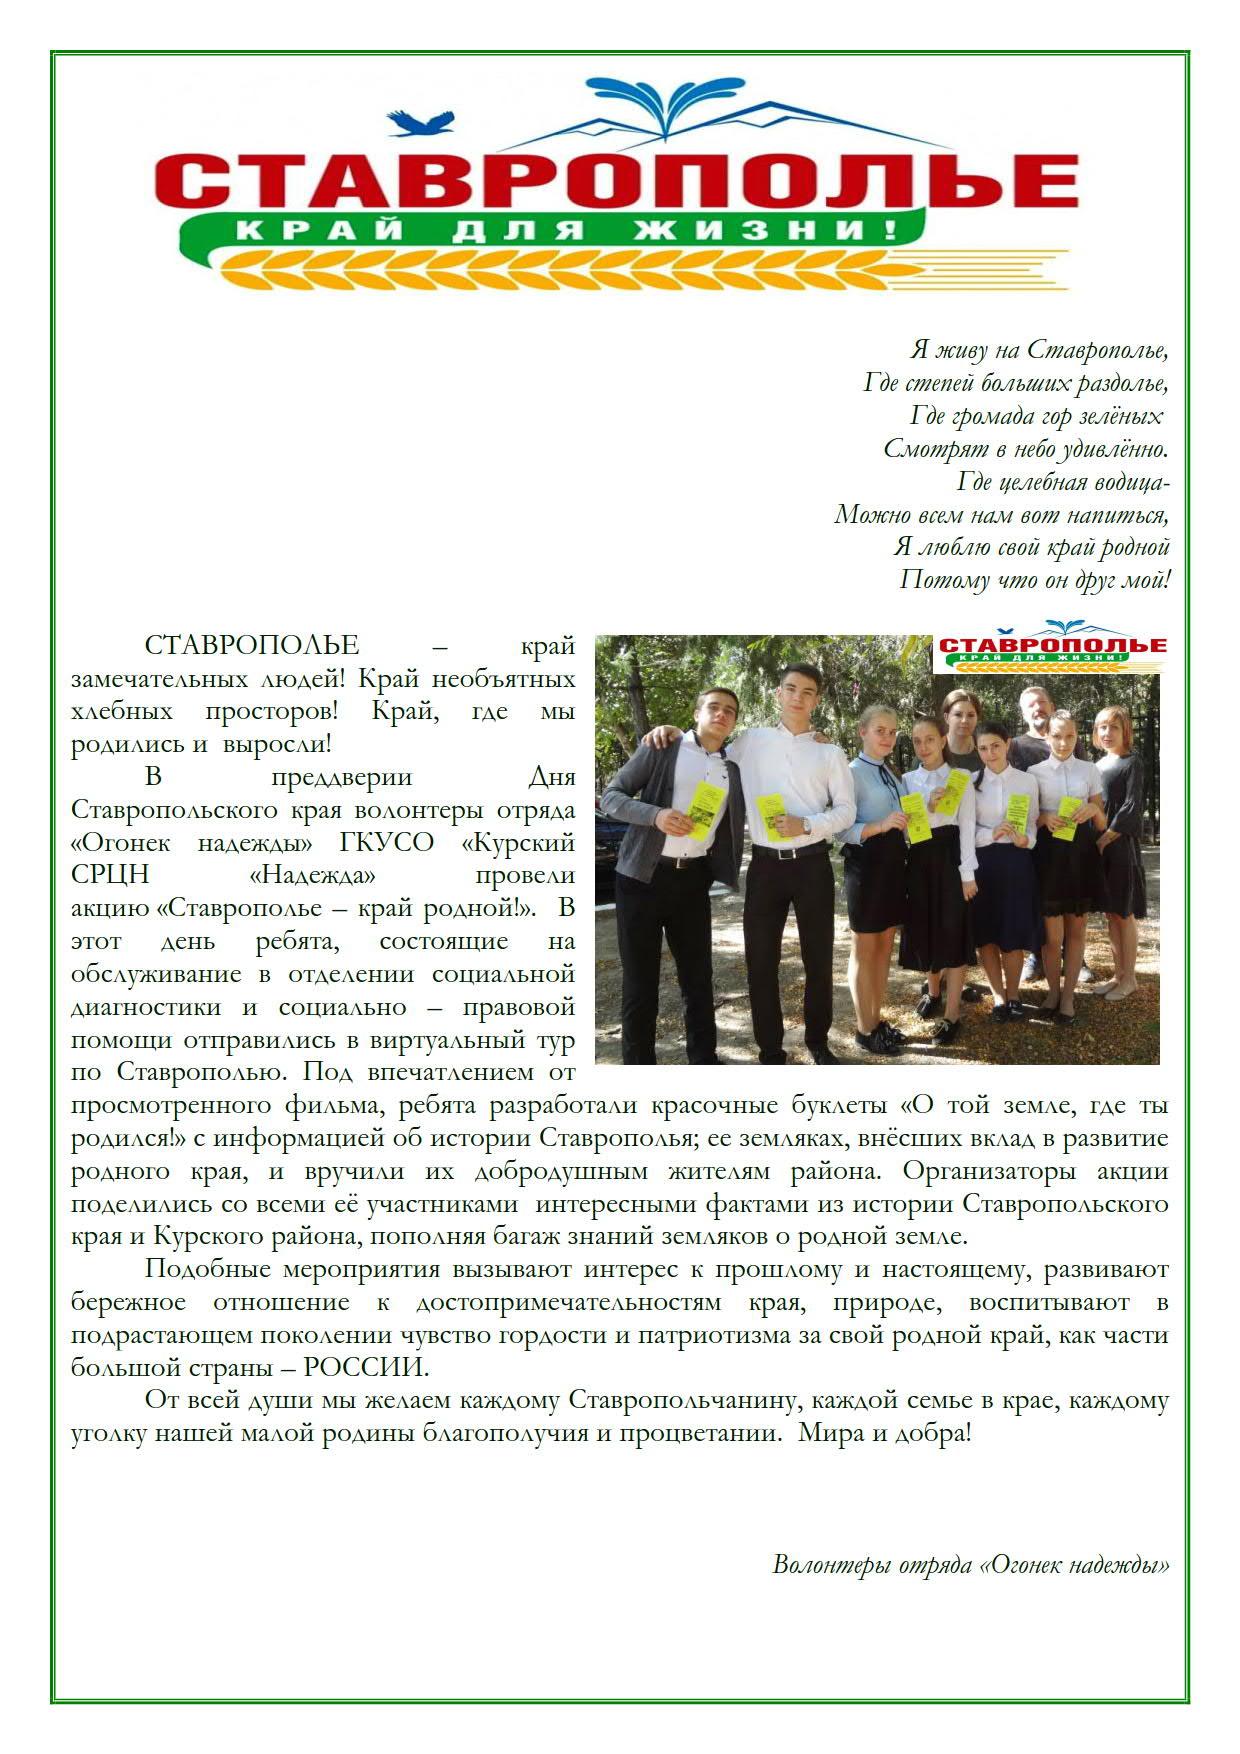 статья Ставрополье край для жизни_1